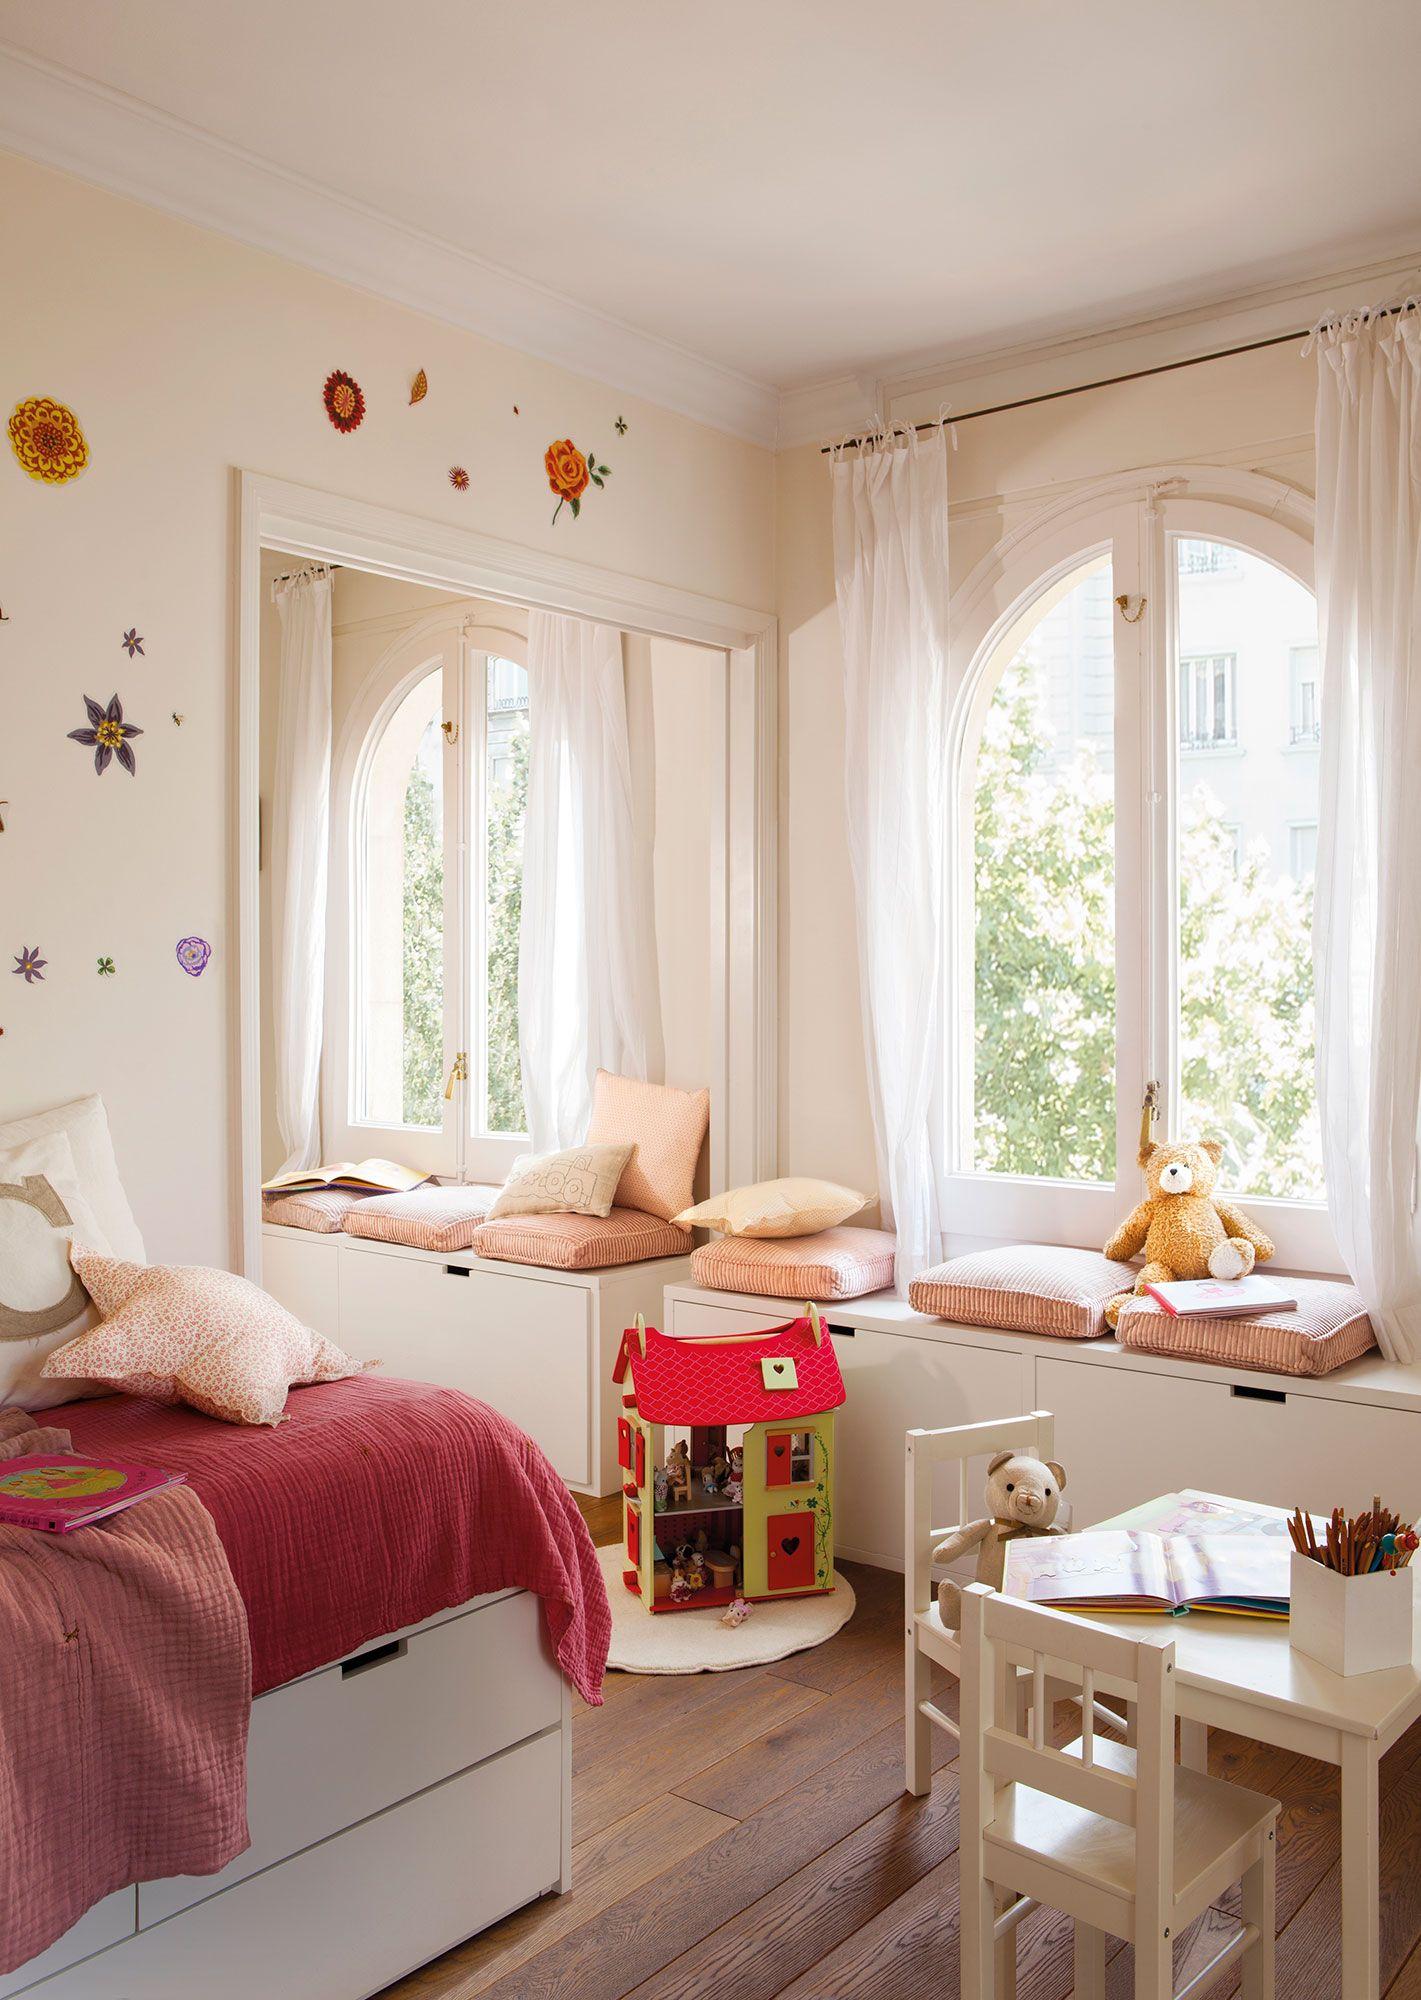 Soluciones Para Ordenar Y Guardar Los Juguetes Dormitorio  ~ Papel Para Habitaciones Juveniles